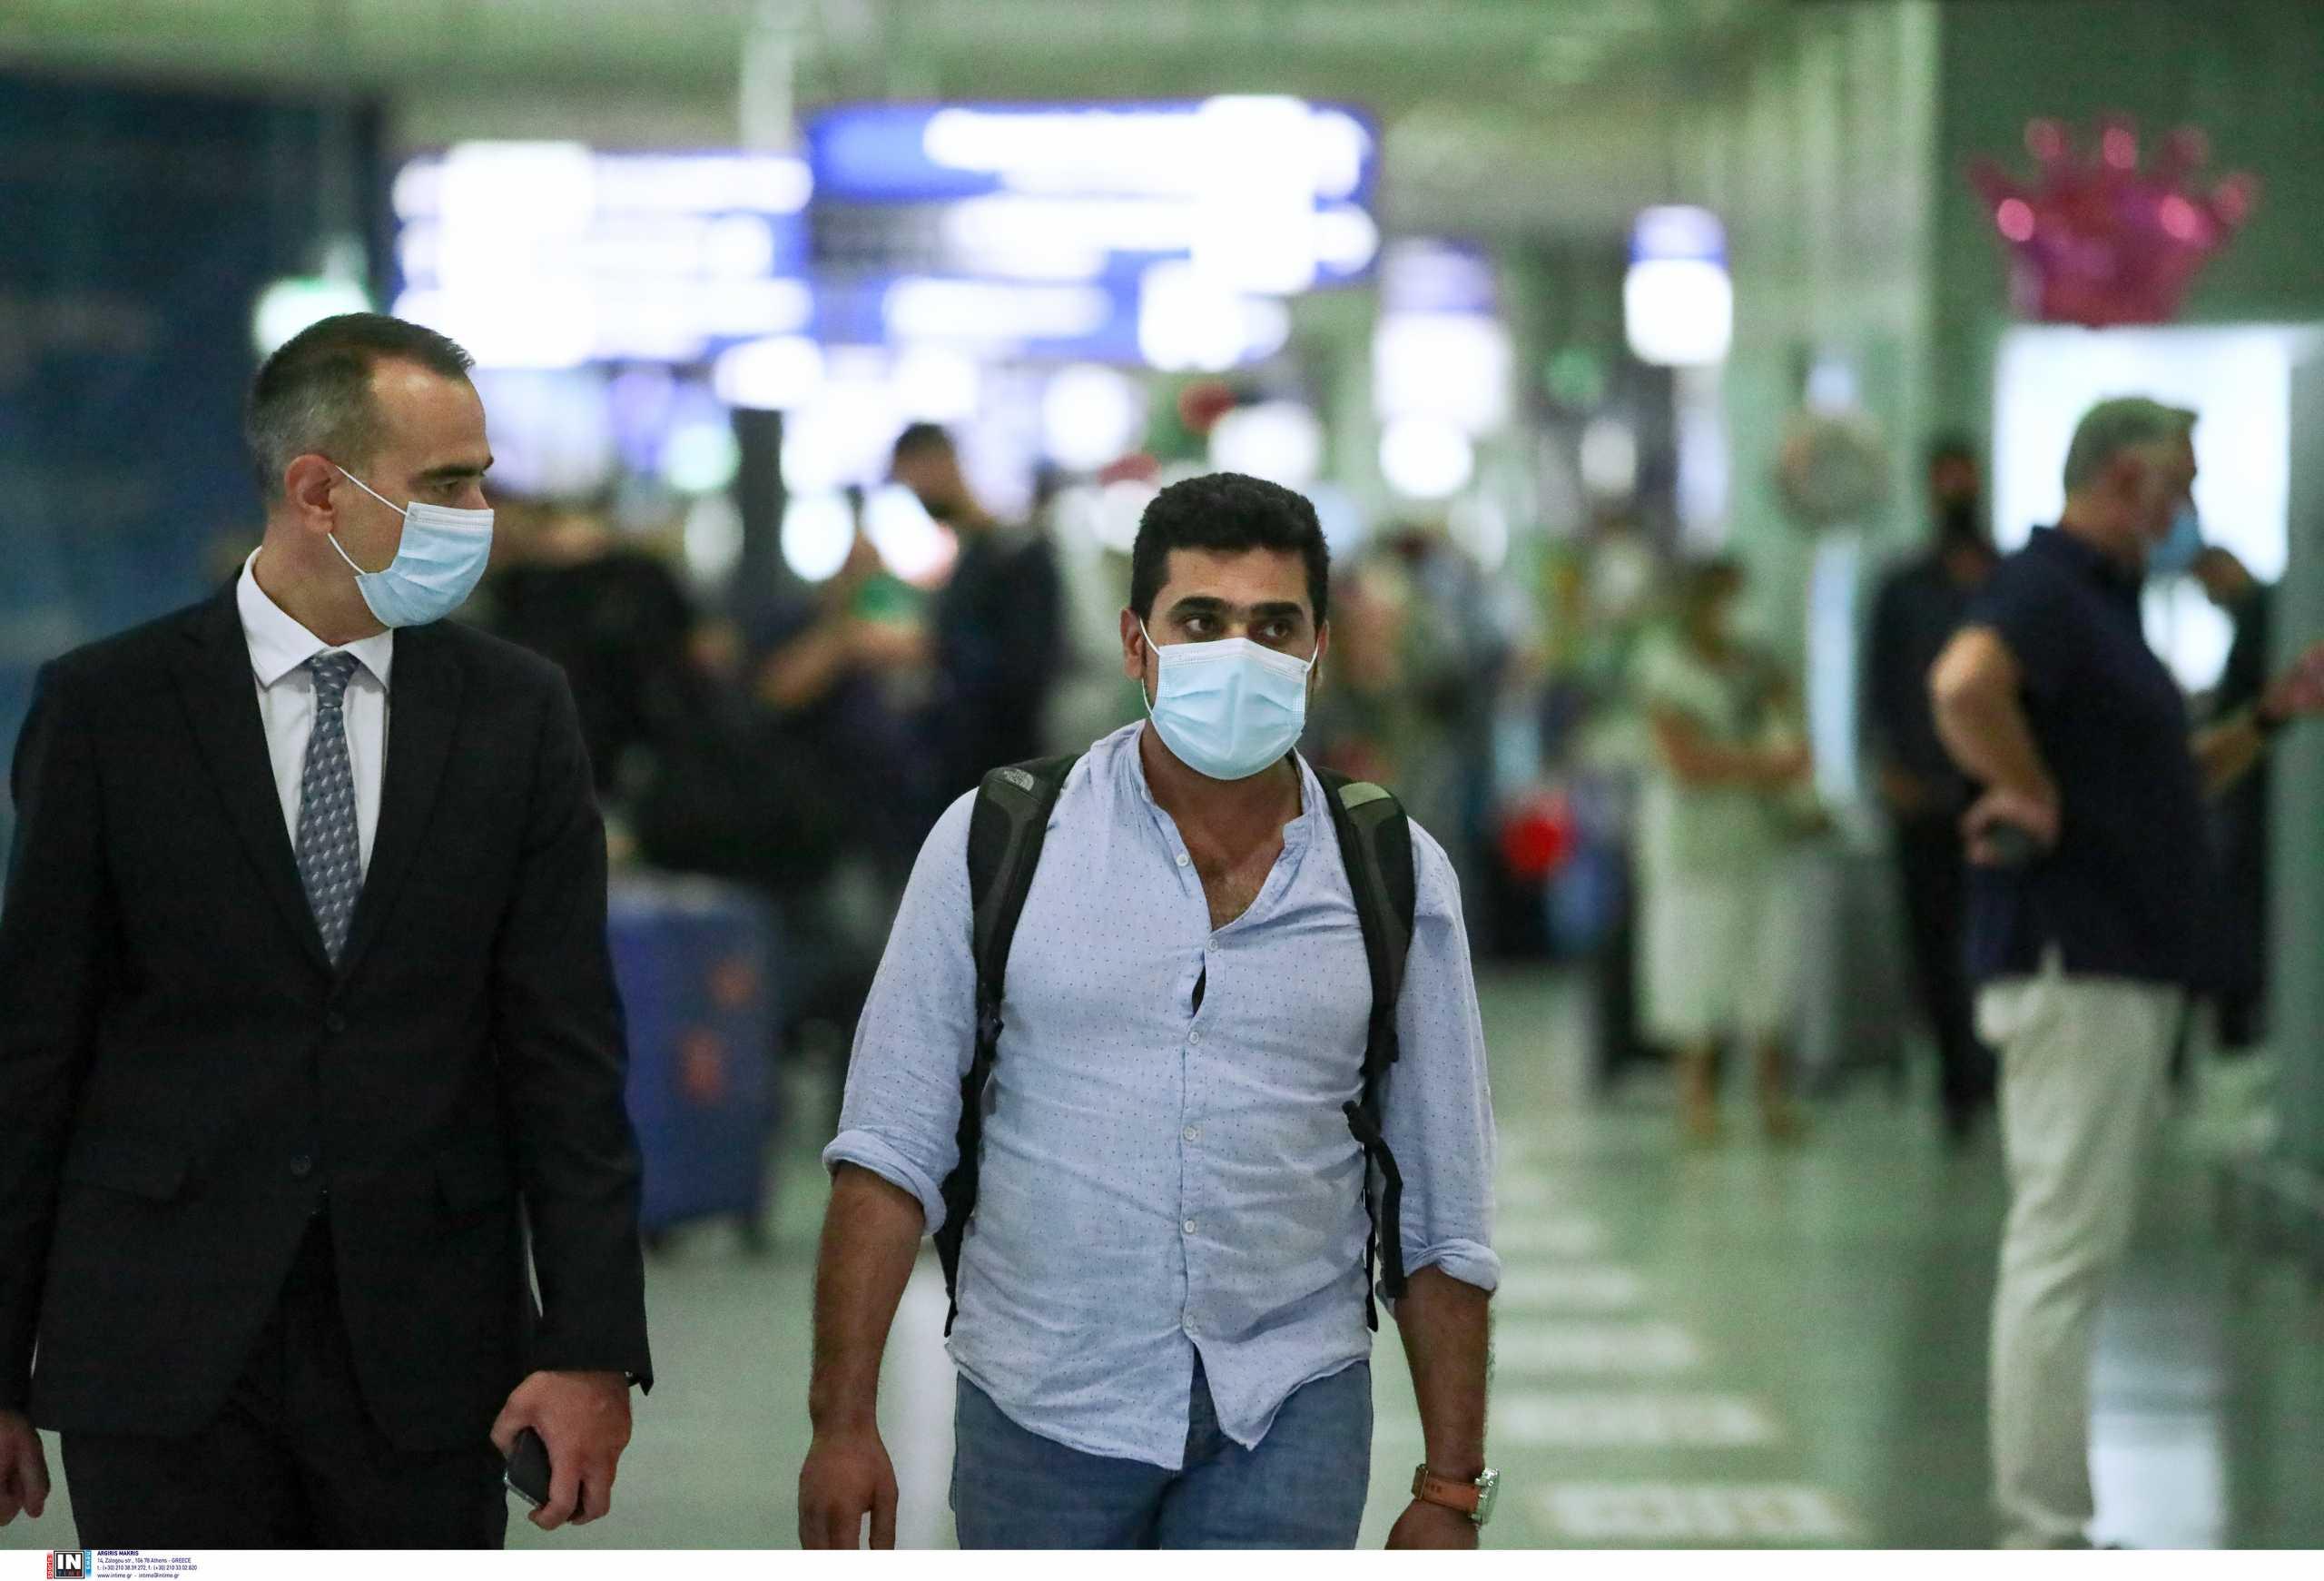 Αφγανιστάν: Οι πρώτες δηλώσεις του Έλληνα πολίτη που επέστρεψε στην Αθήνα